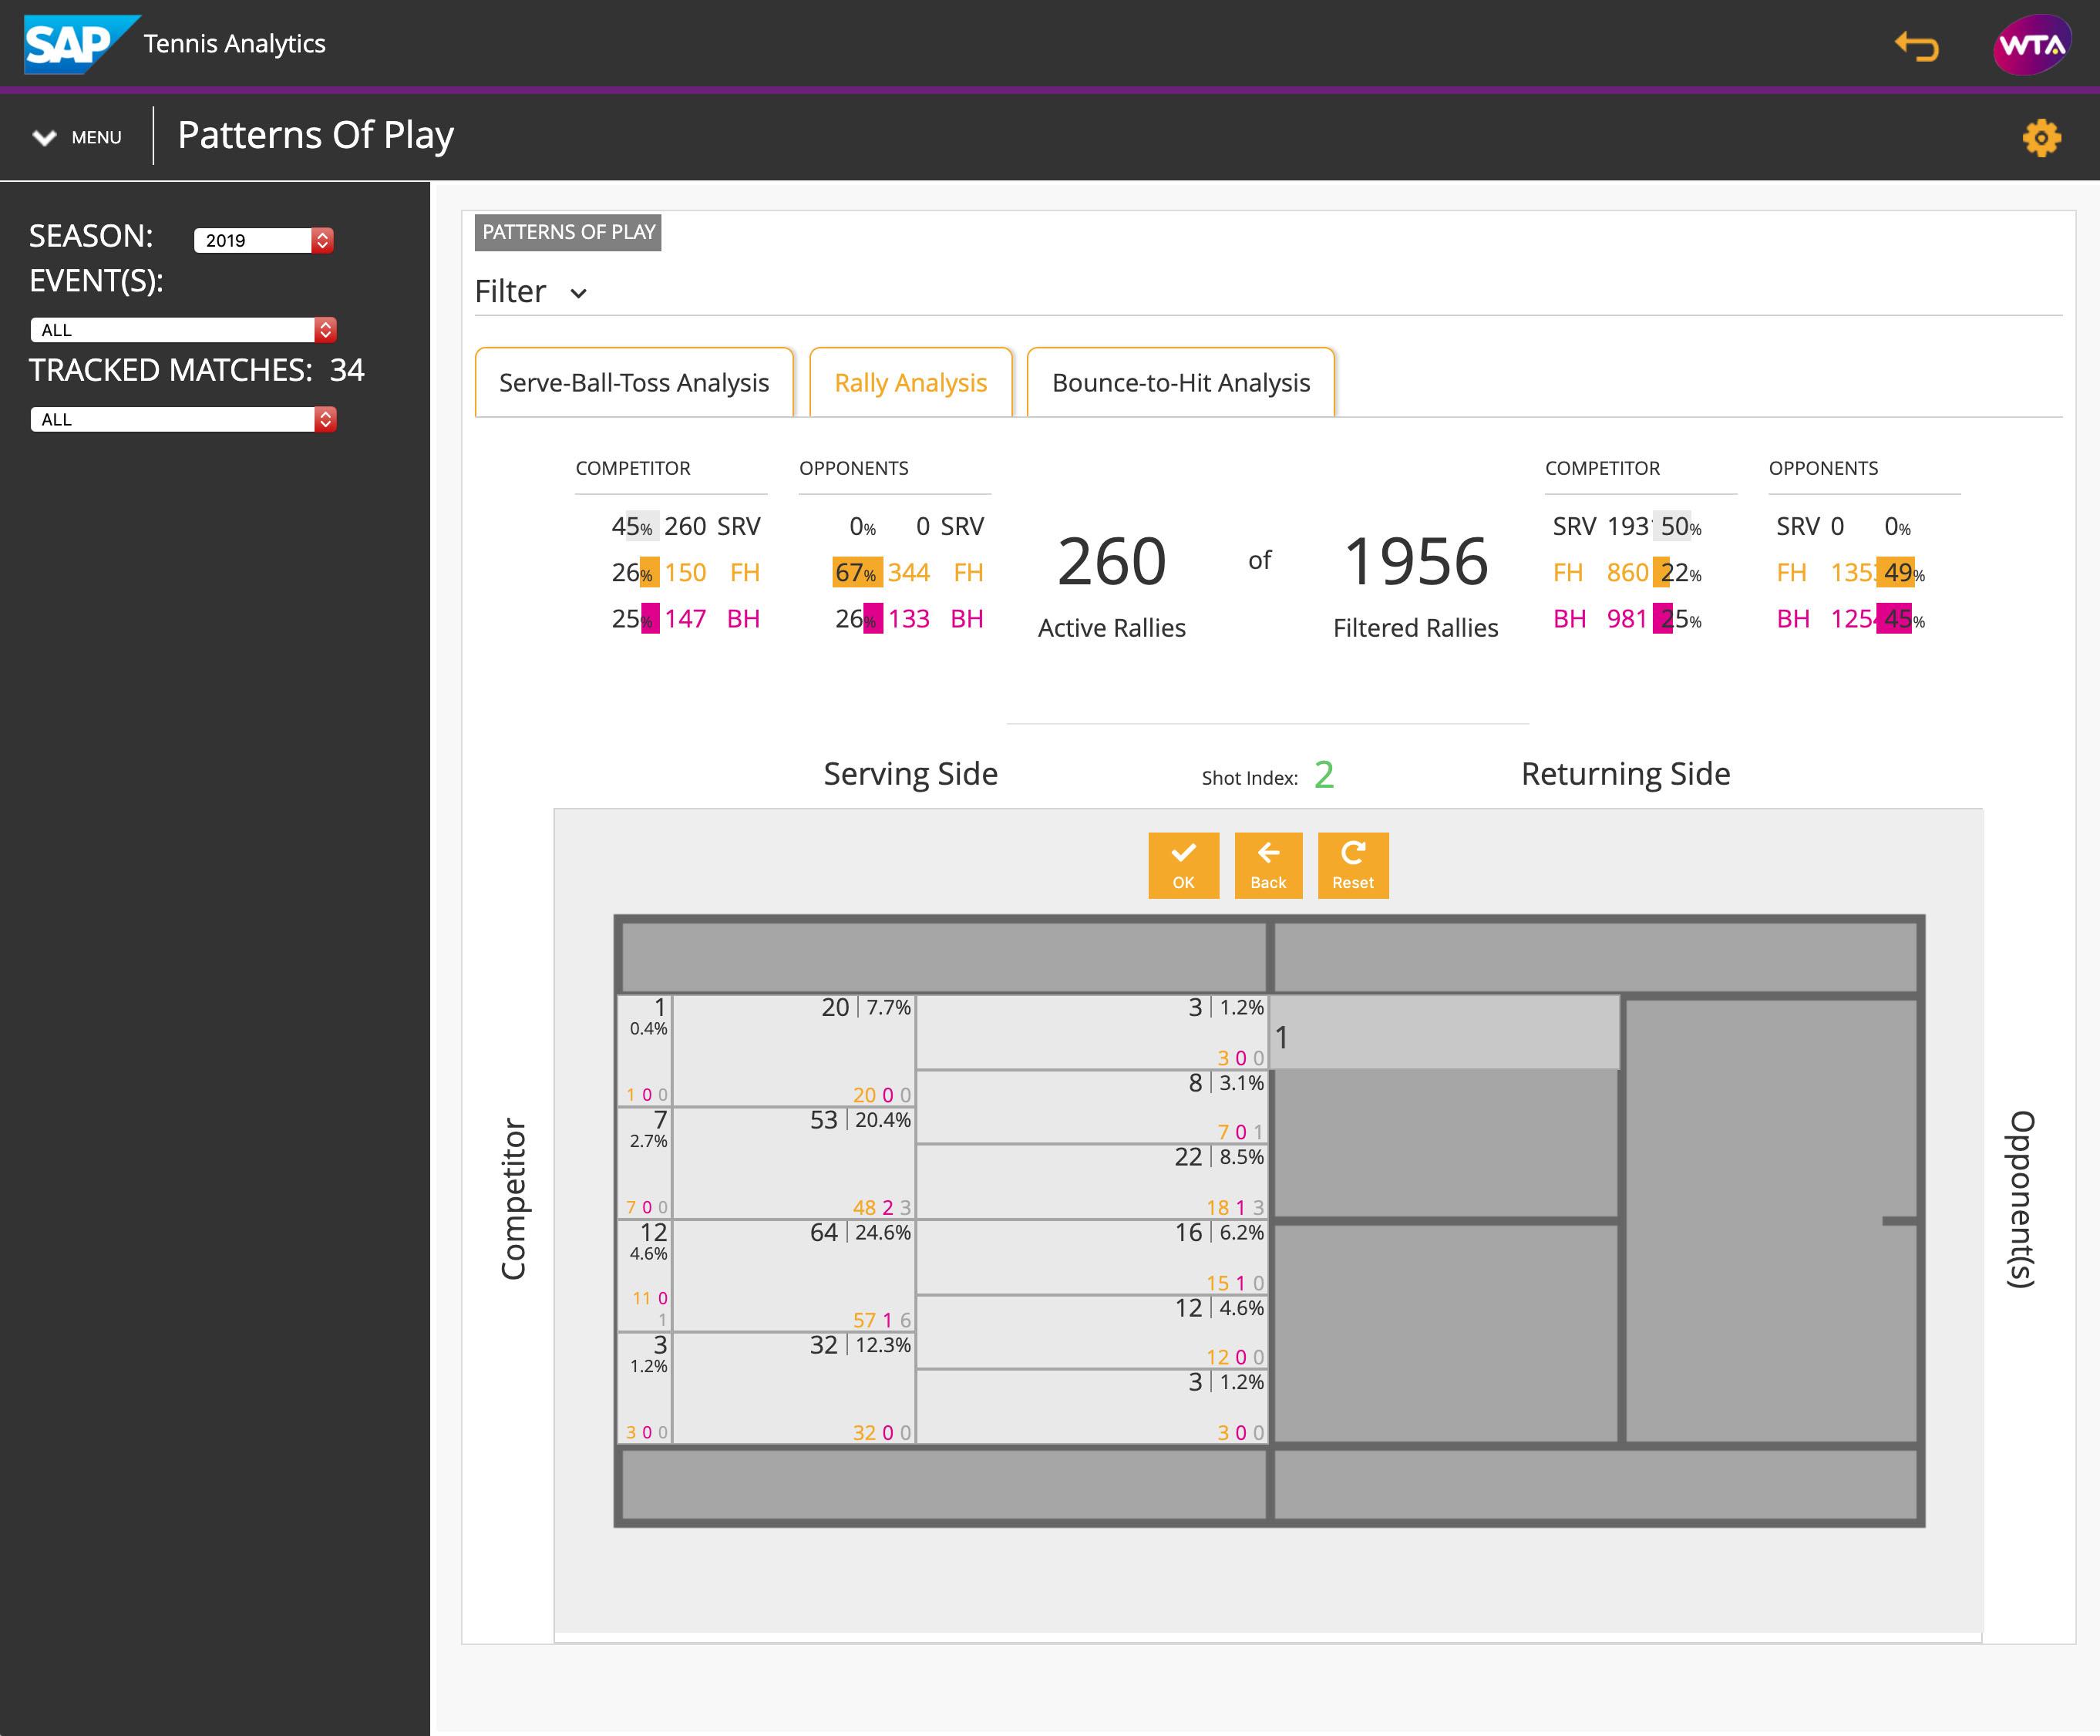 WTA SAP Patterns of Play Screenshot